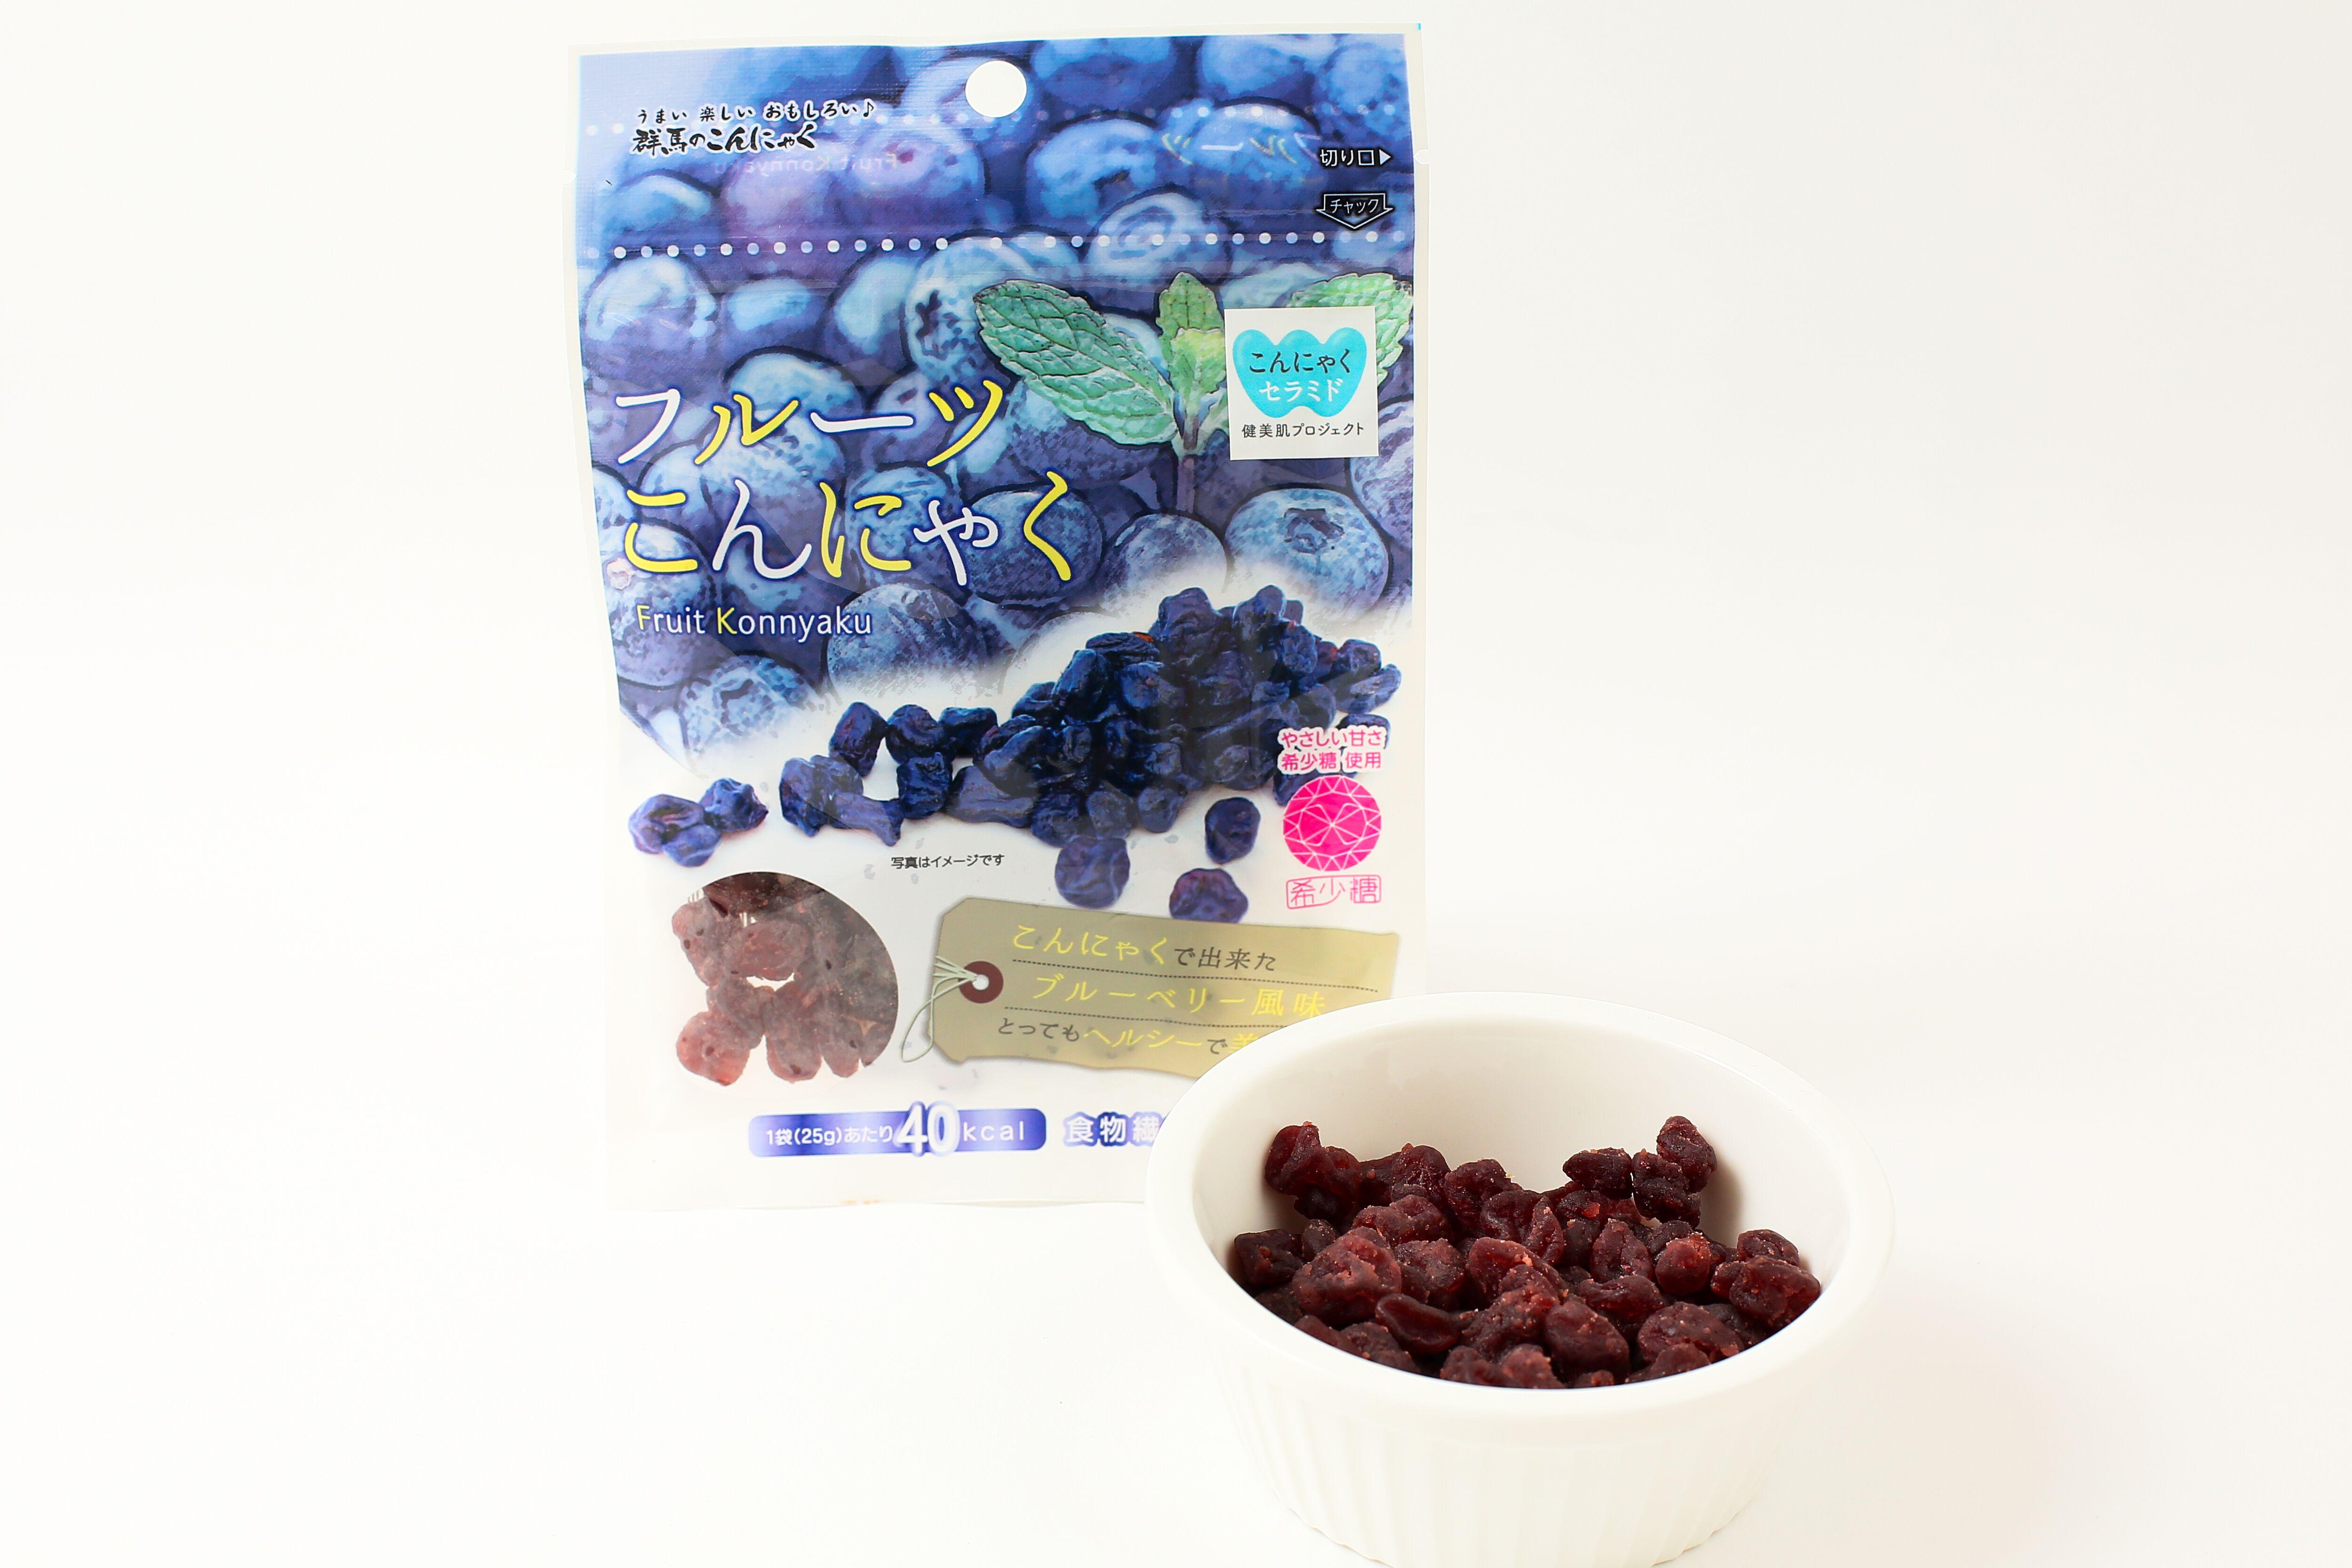 フルーツこんにゃく こんにゃくセラミドplusブルーベリー味